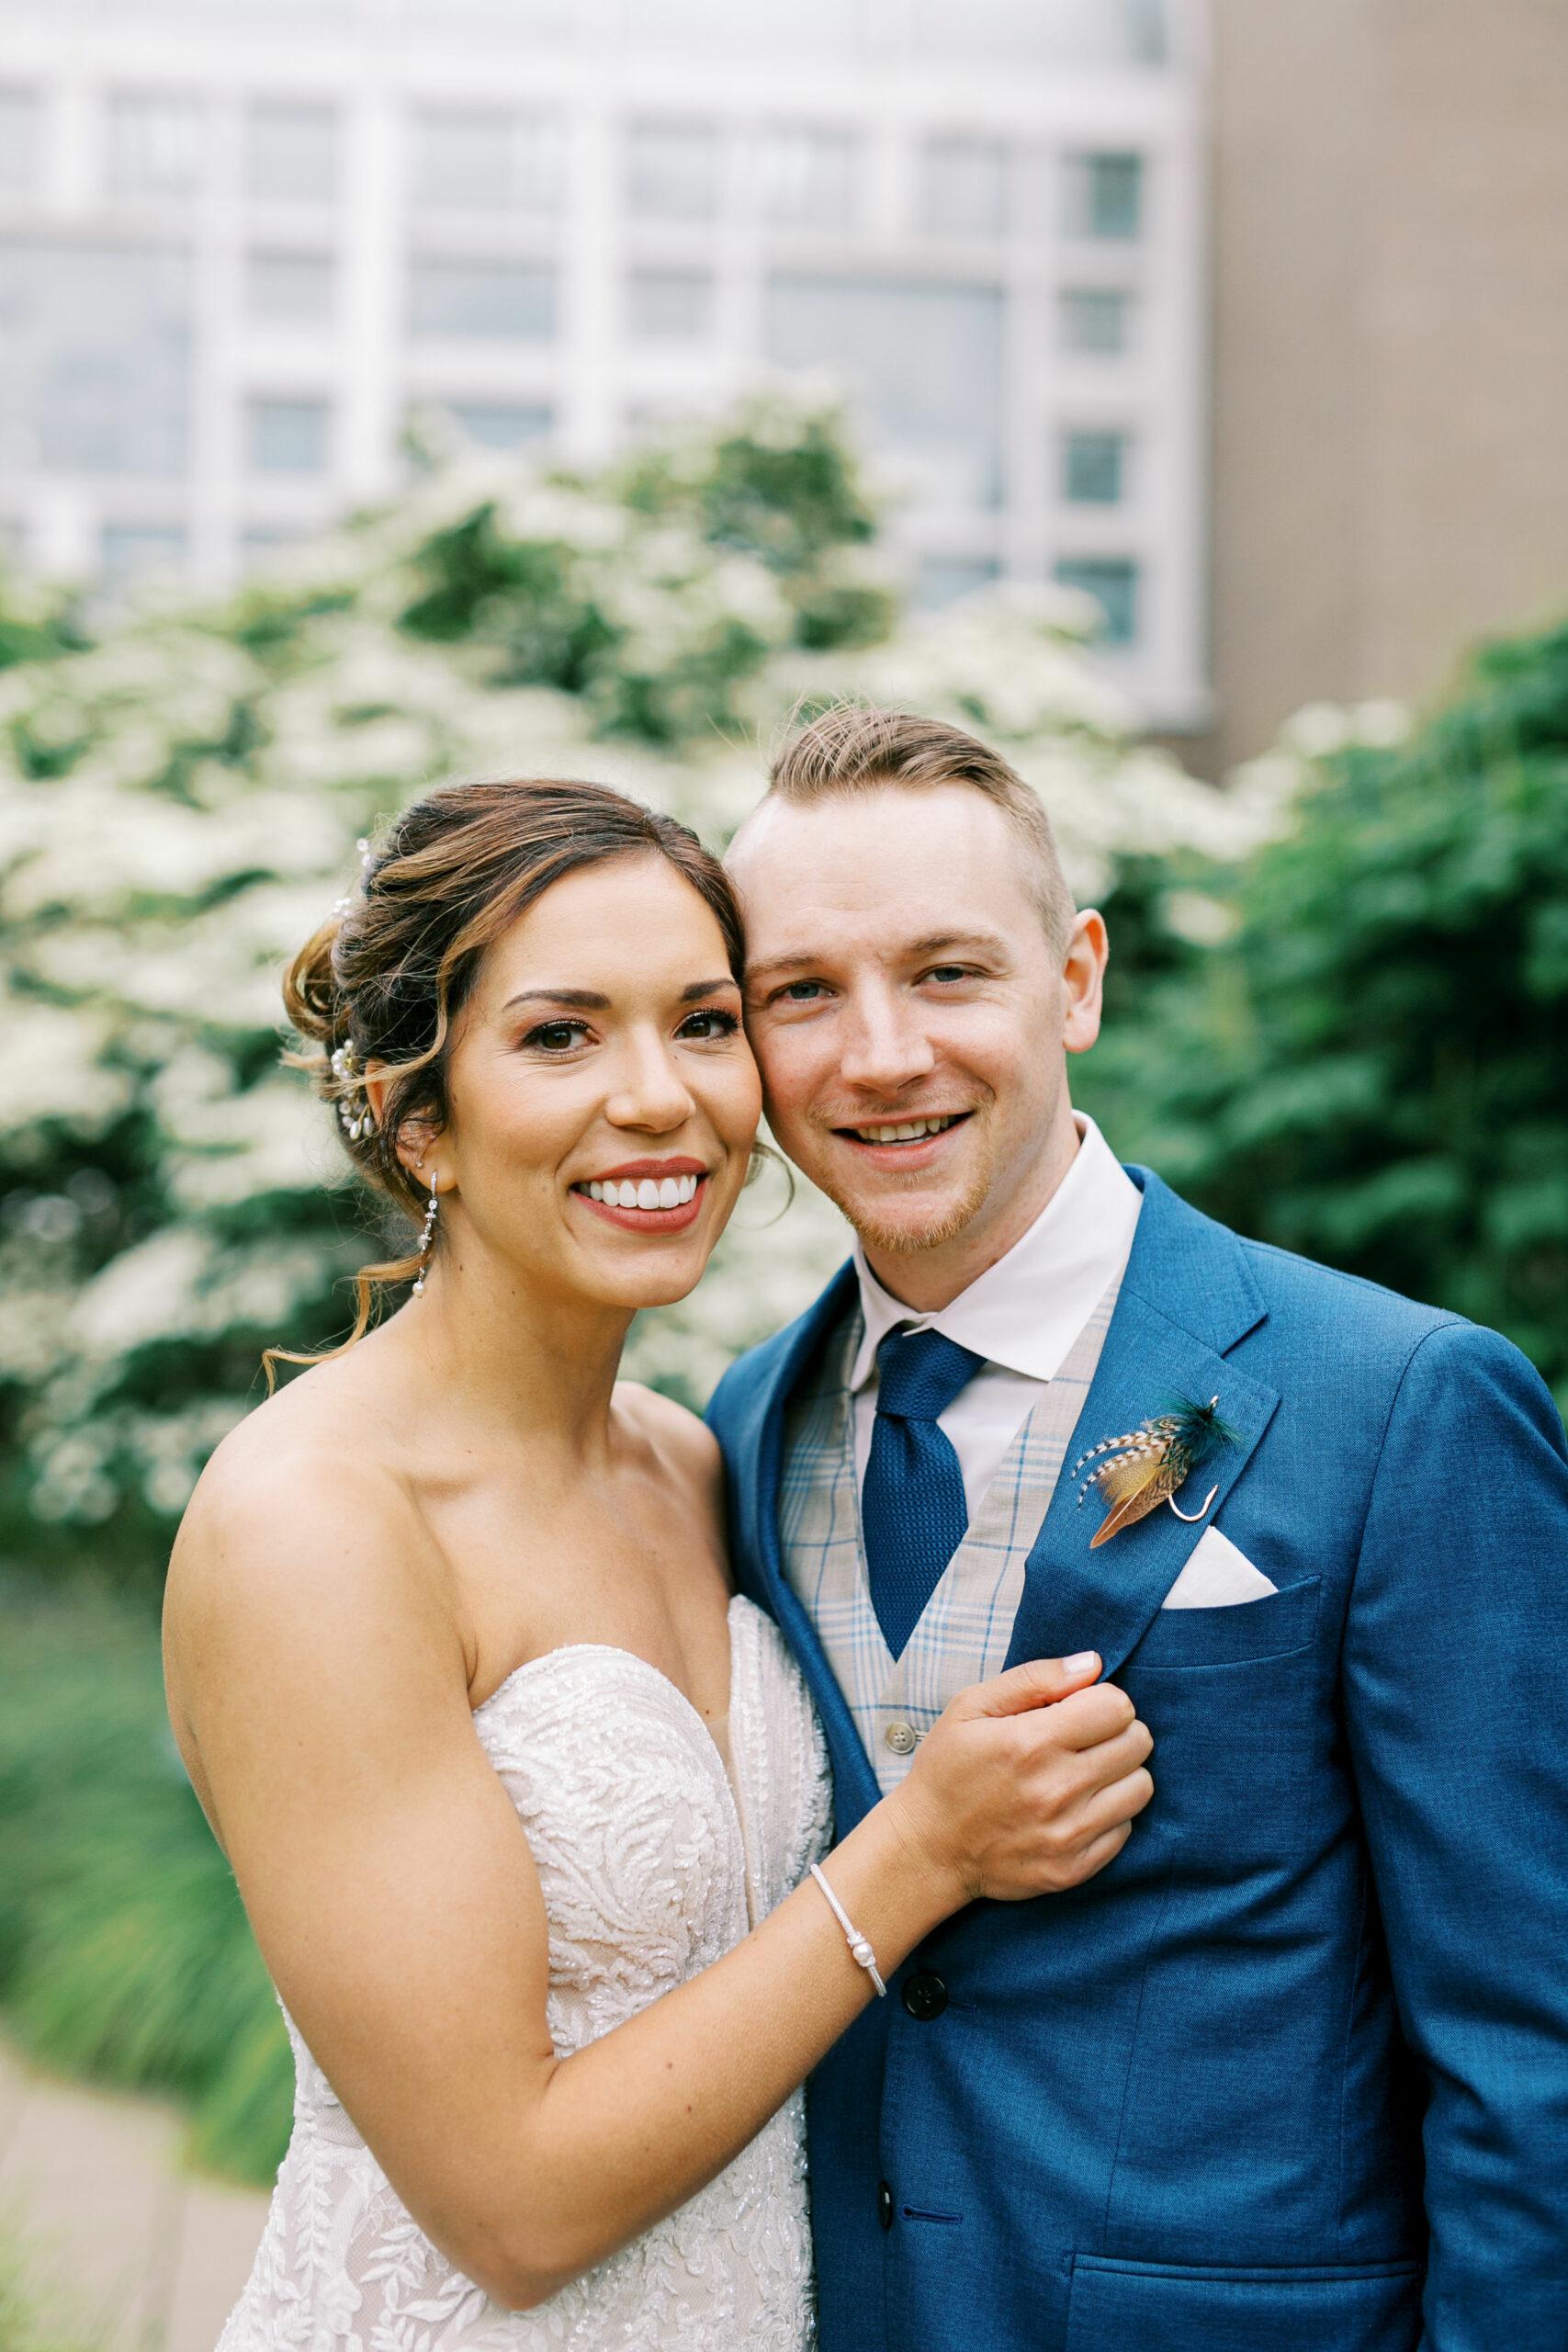 Matt & Alexis' May Wedding